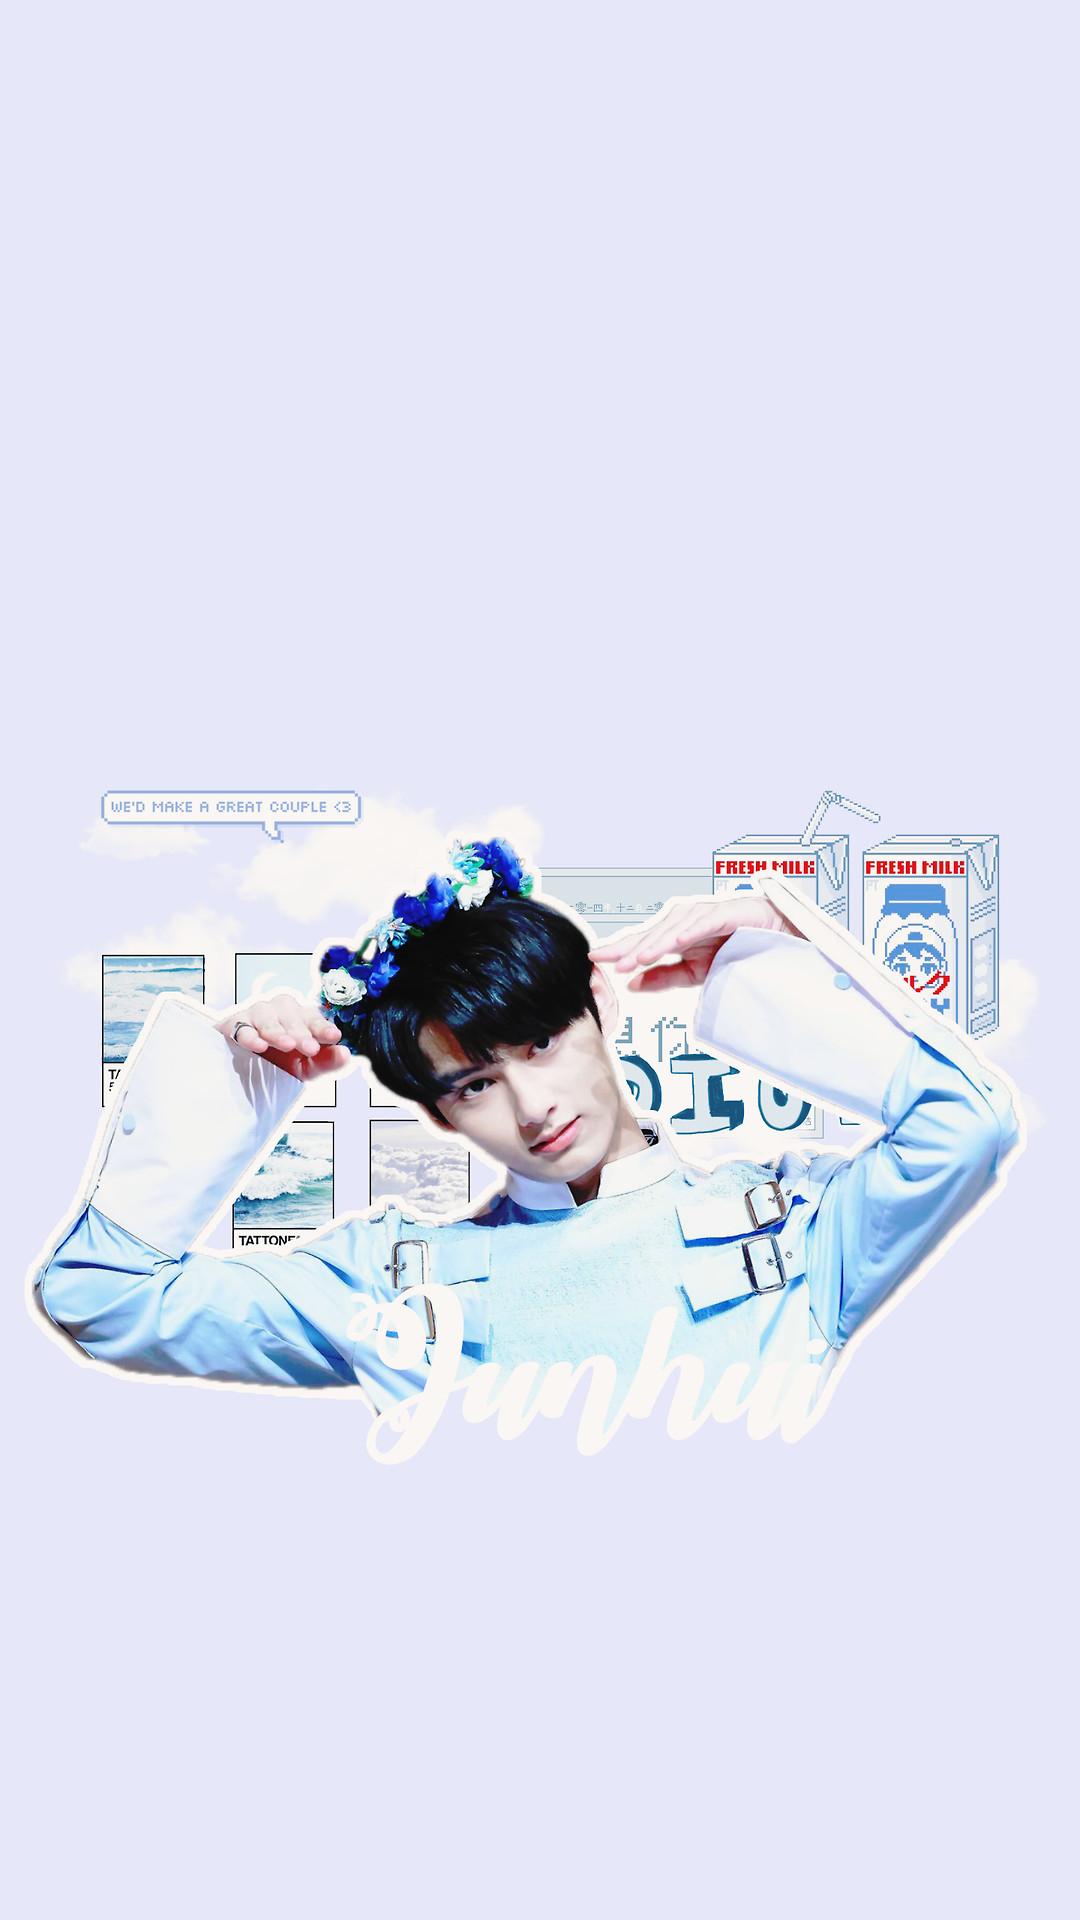 jun lockscreens seventeen wallpapers kpop locks jun wallpapers seventeen  locks pastel locks jun locks seventeen lockscreens